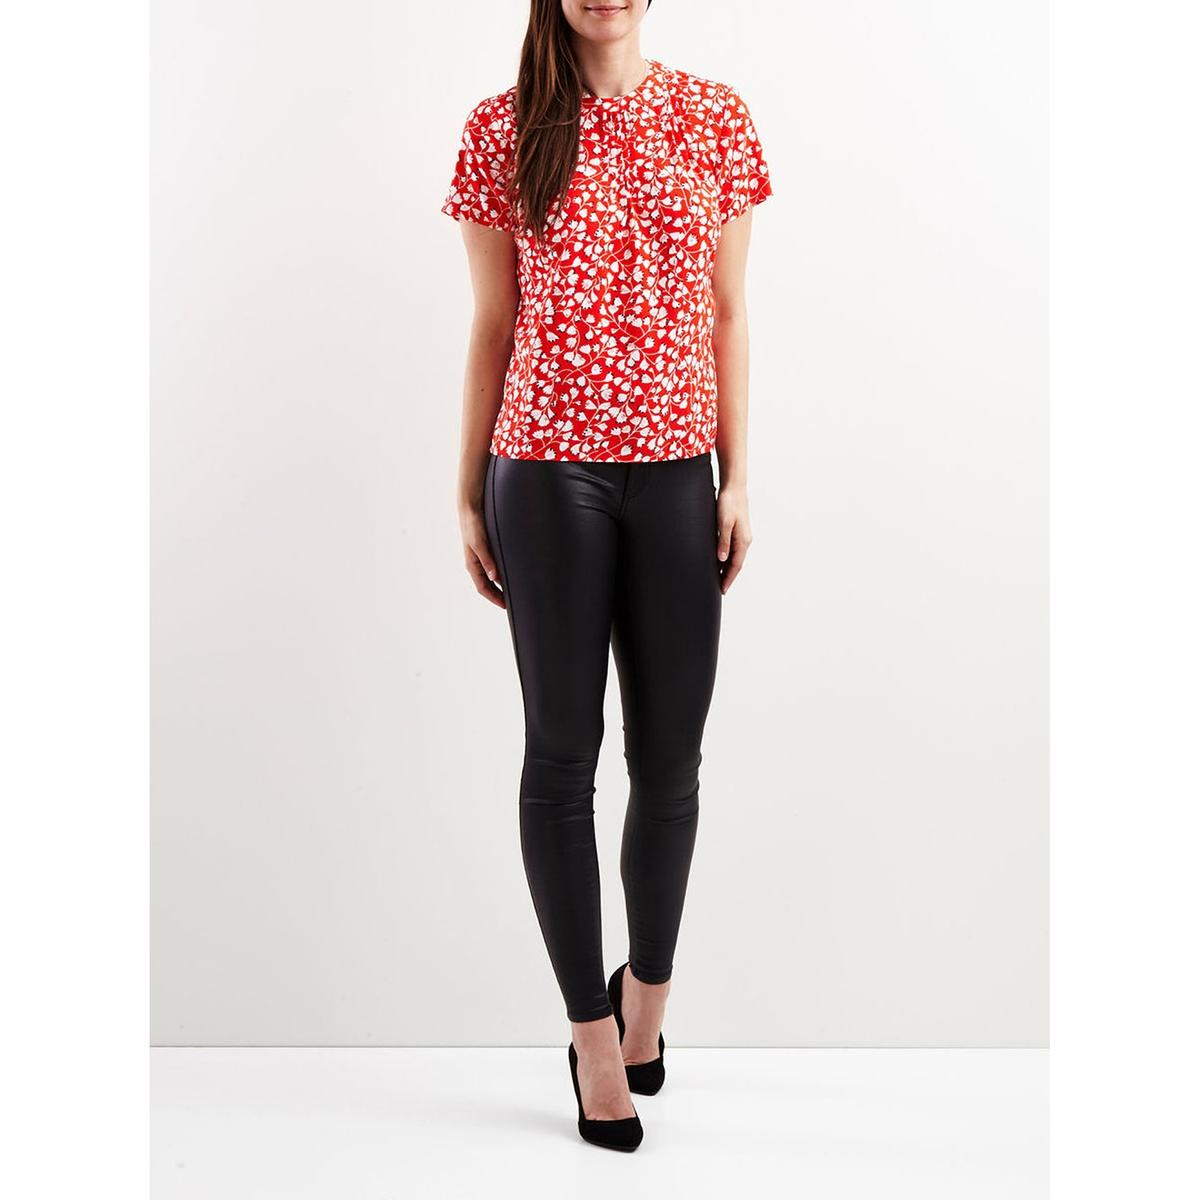 Блузка с круглым вырезом, рисунком и короткими рукавами футболка с круглым вырезом рисунком и короткими рукавами